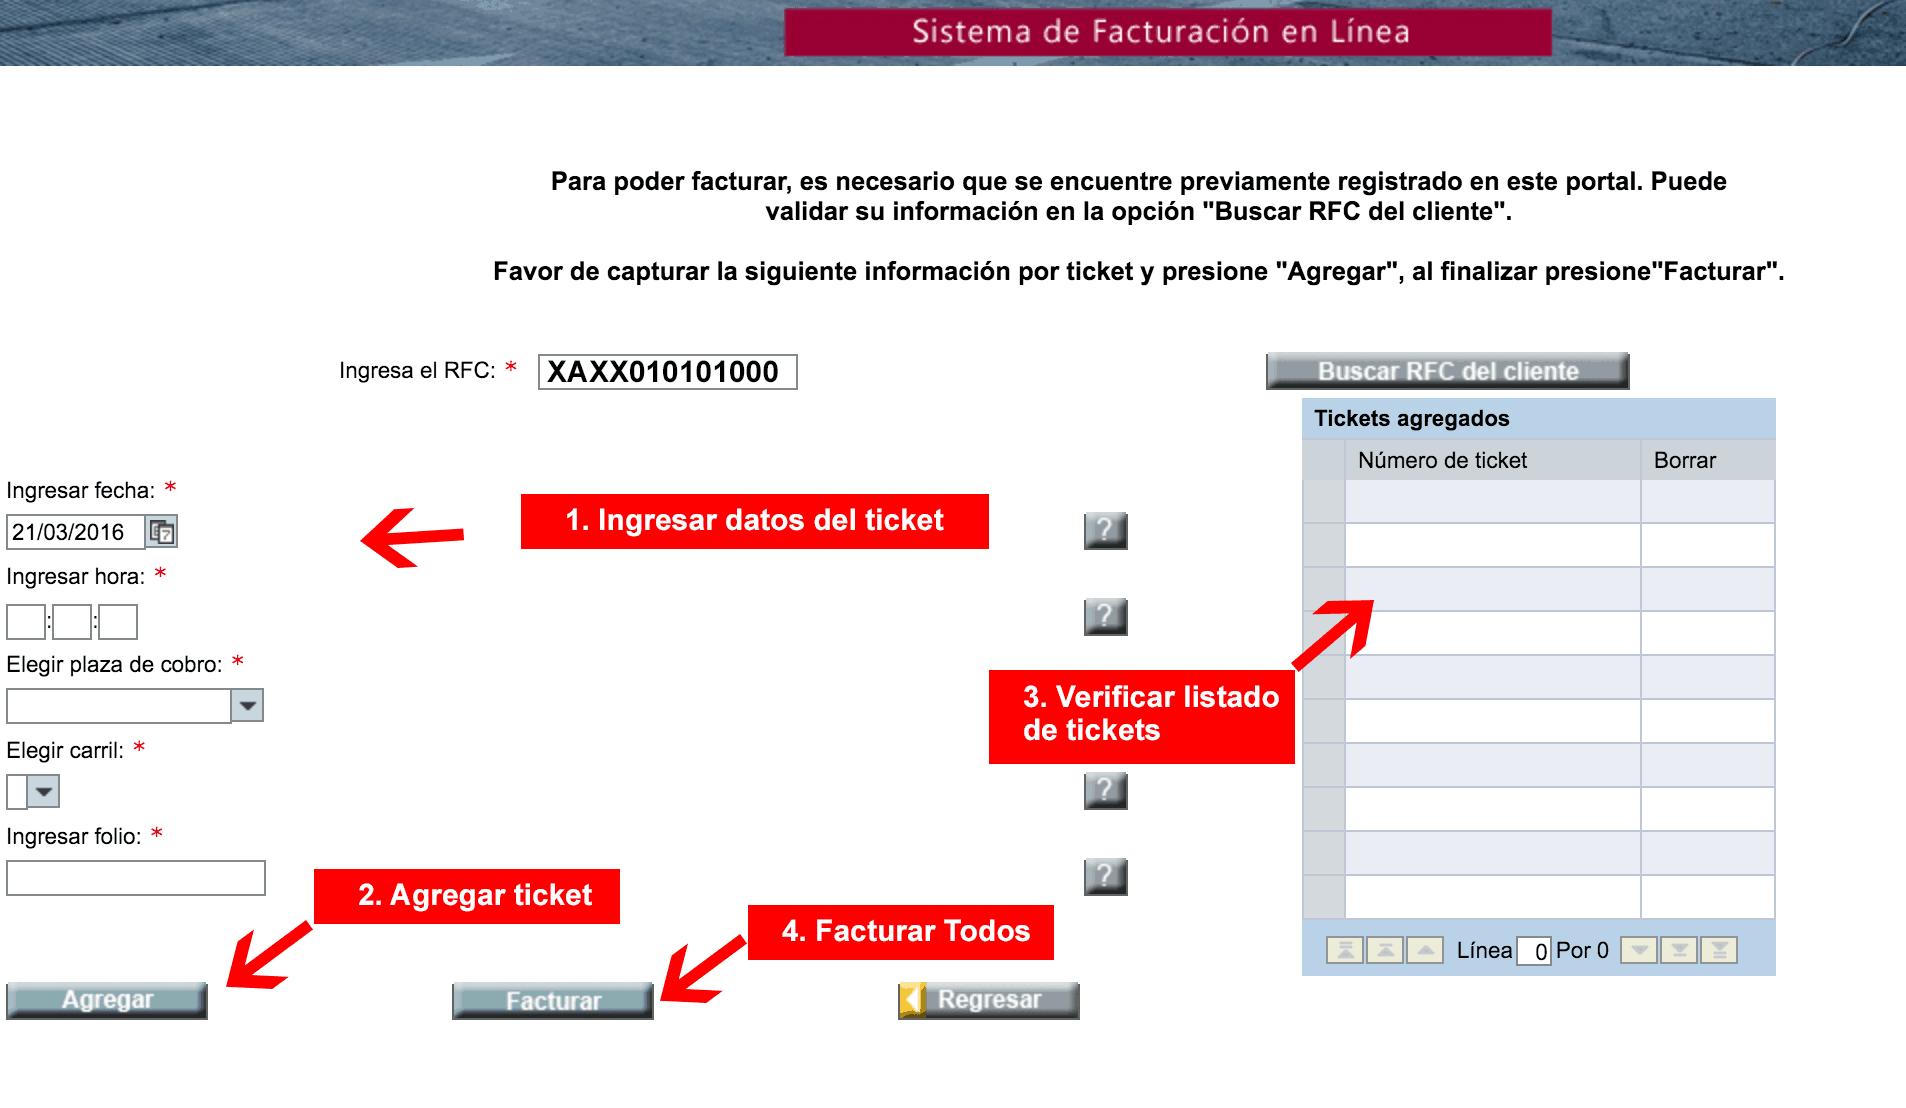 FacturaOibsa – Concesionaria de Infraestructura del Bajío  Paso 2 – Captura los datos del ticket.